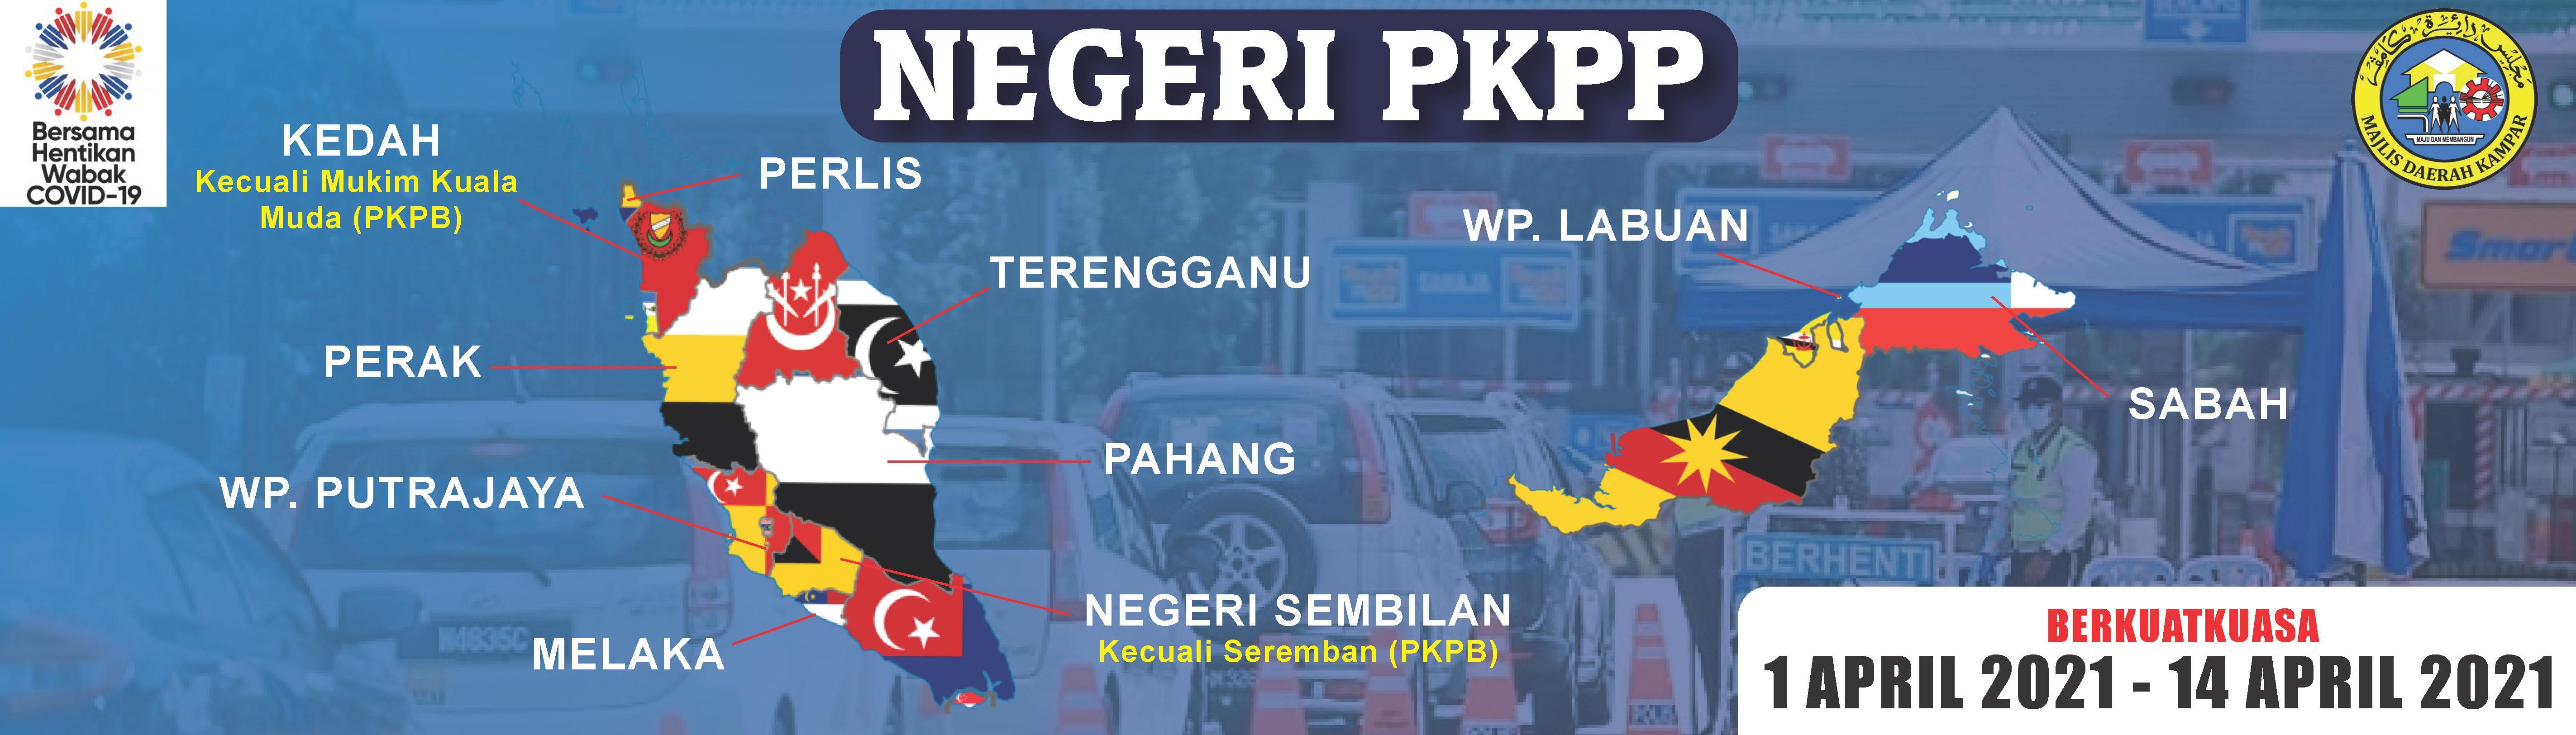 PKPP 2021